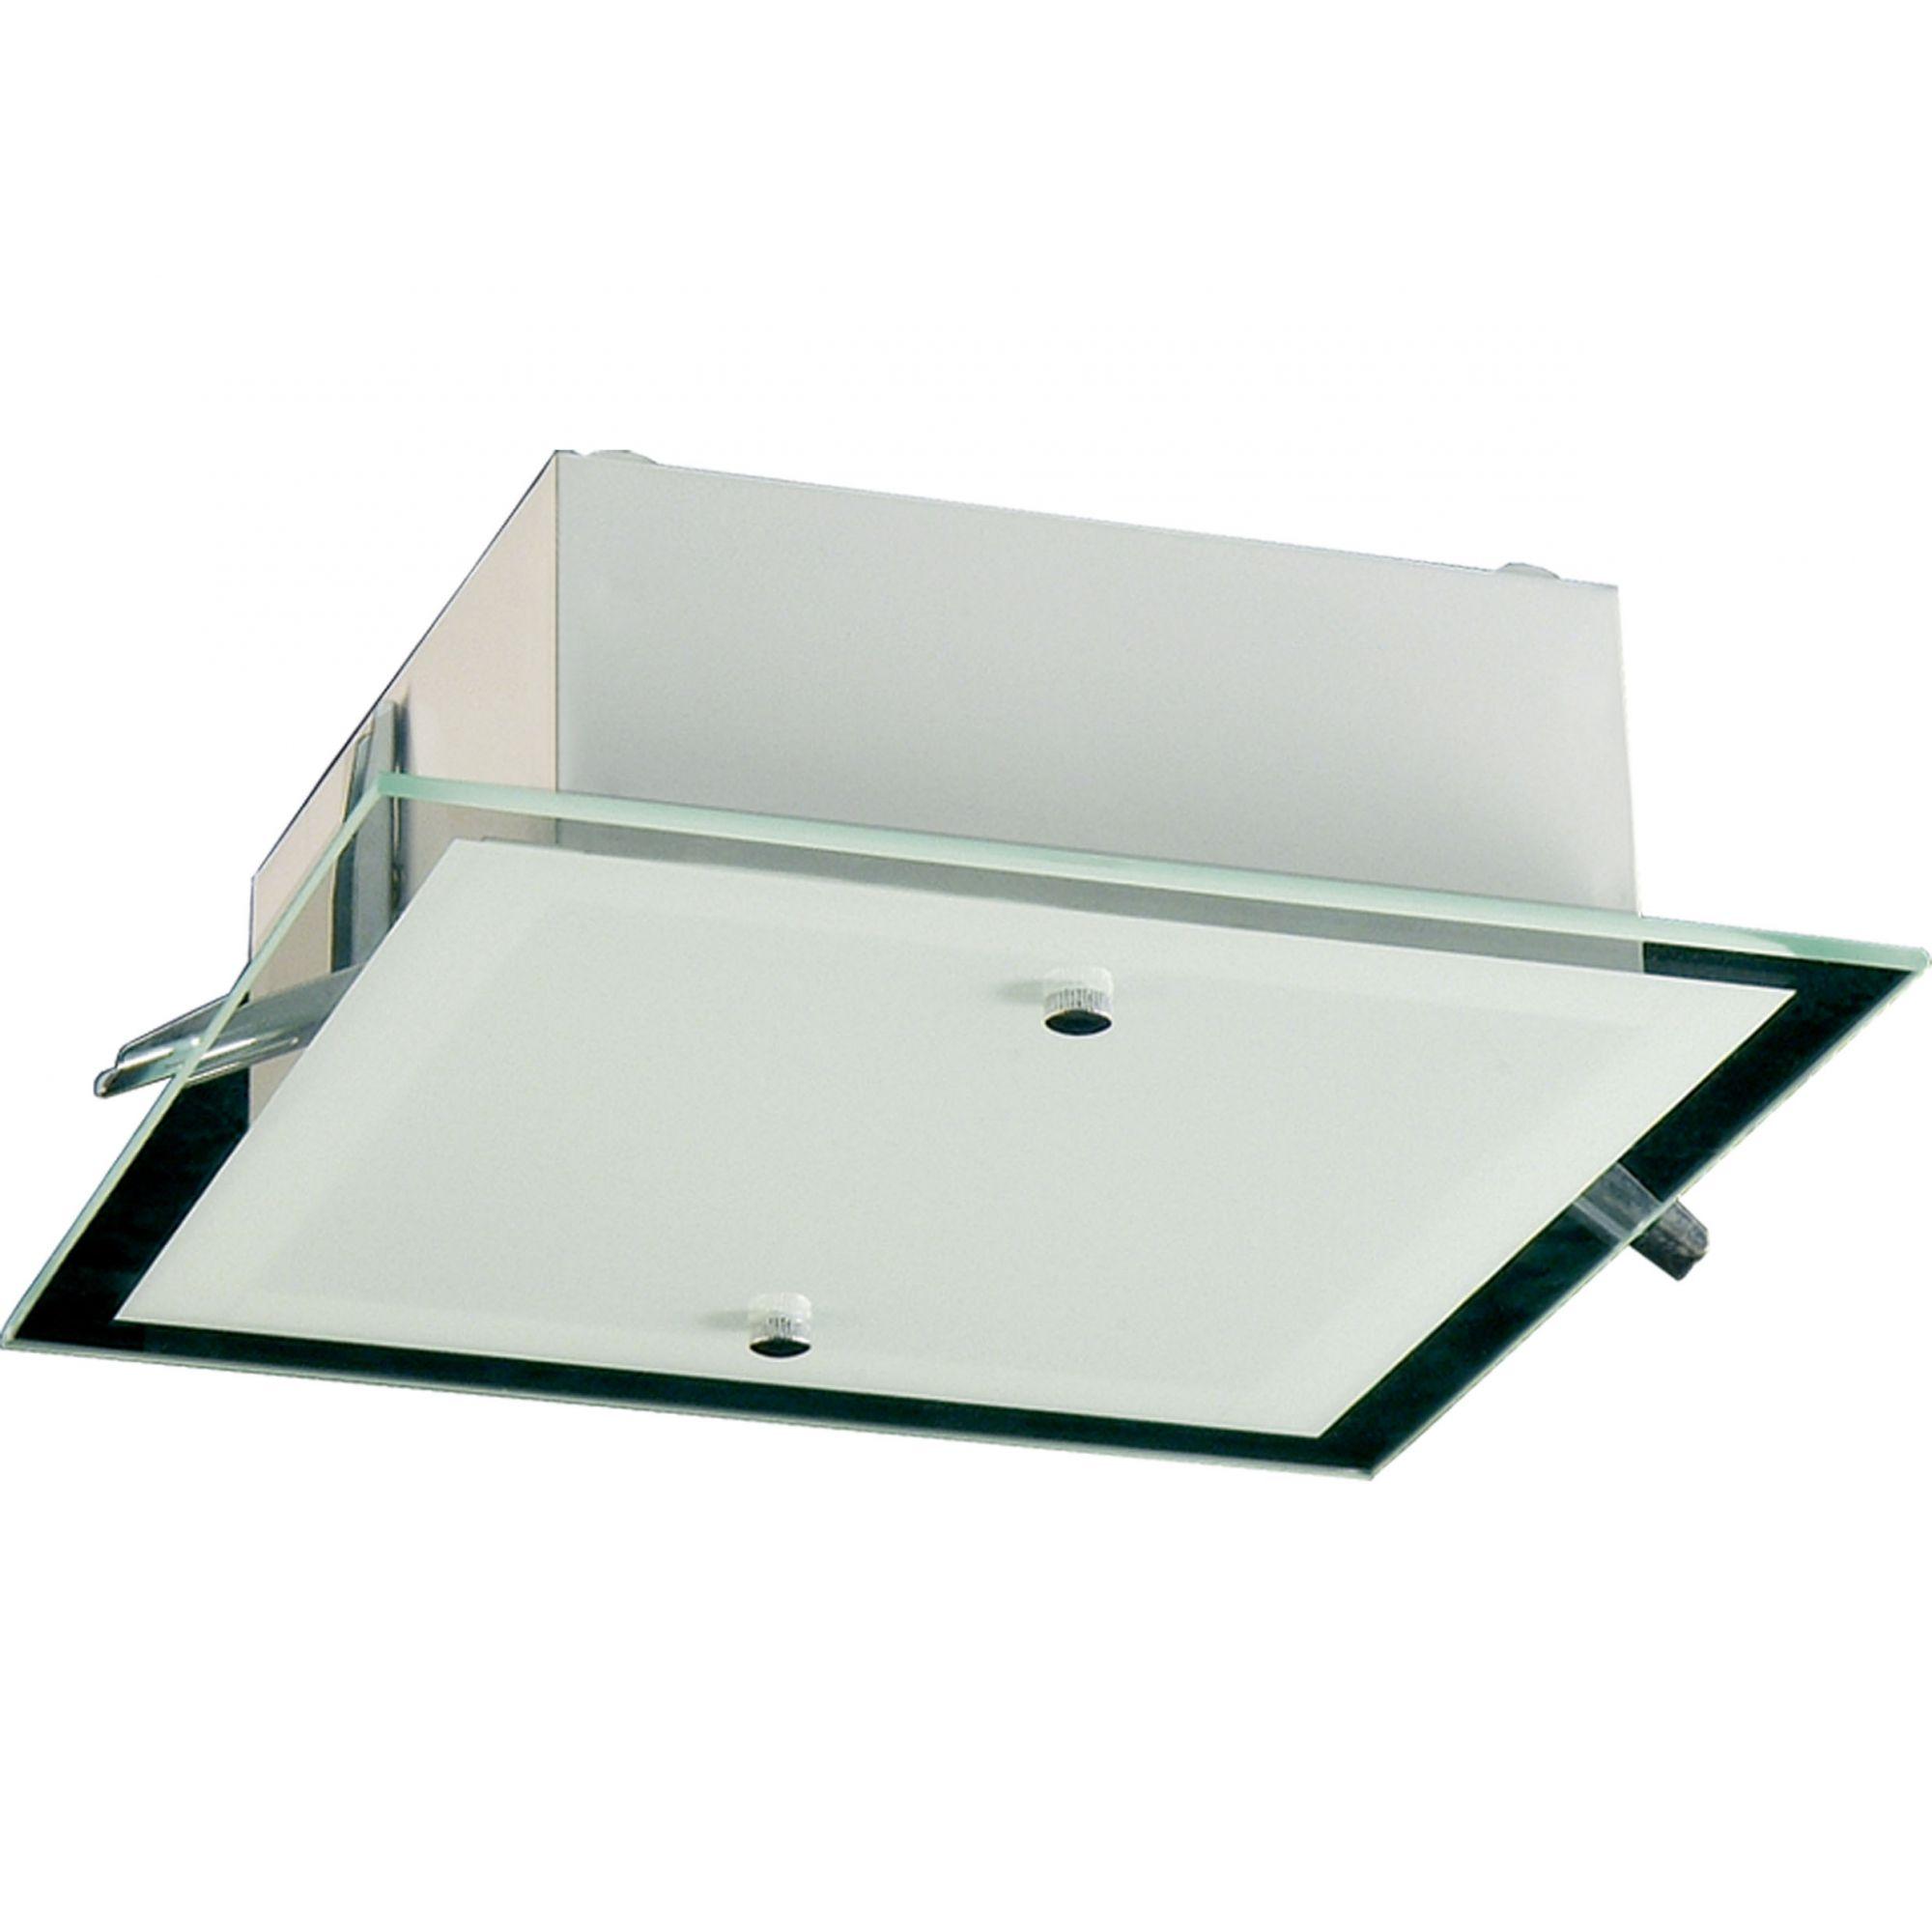 Plafon Embutir e Sobrepor Quadrado 37cm 3 Lâmp Vidro Madelustre